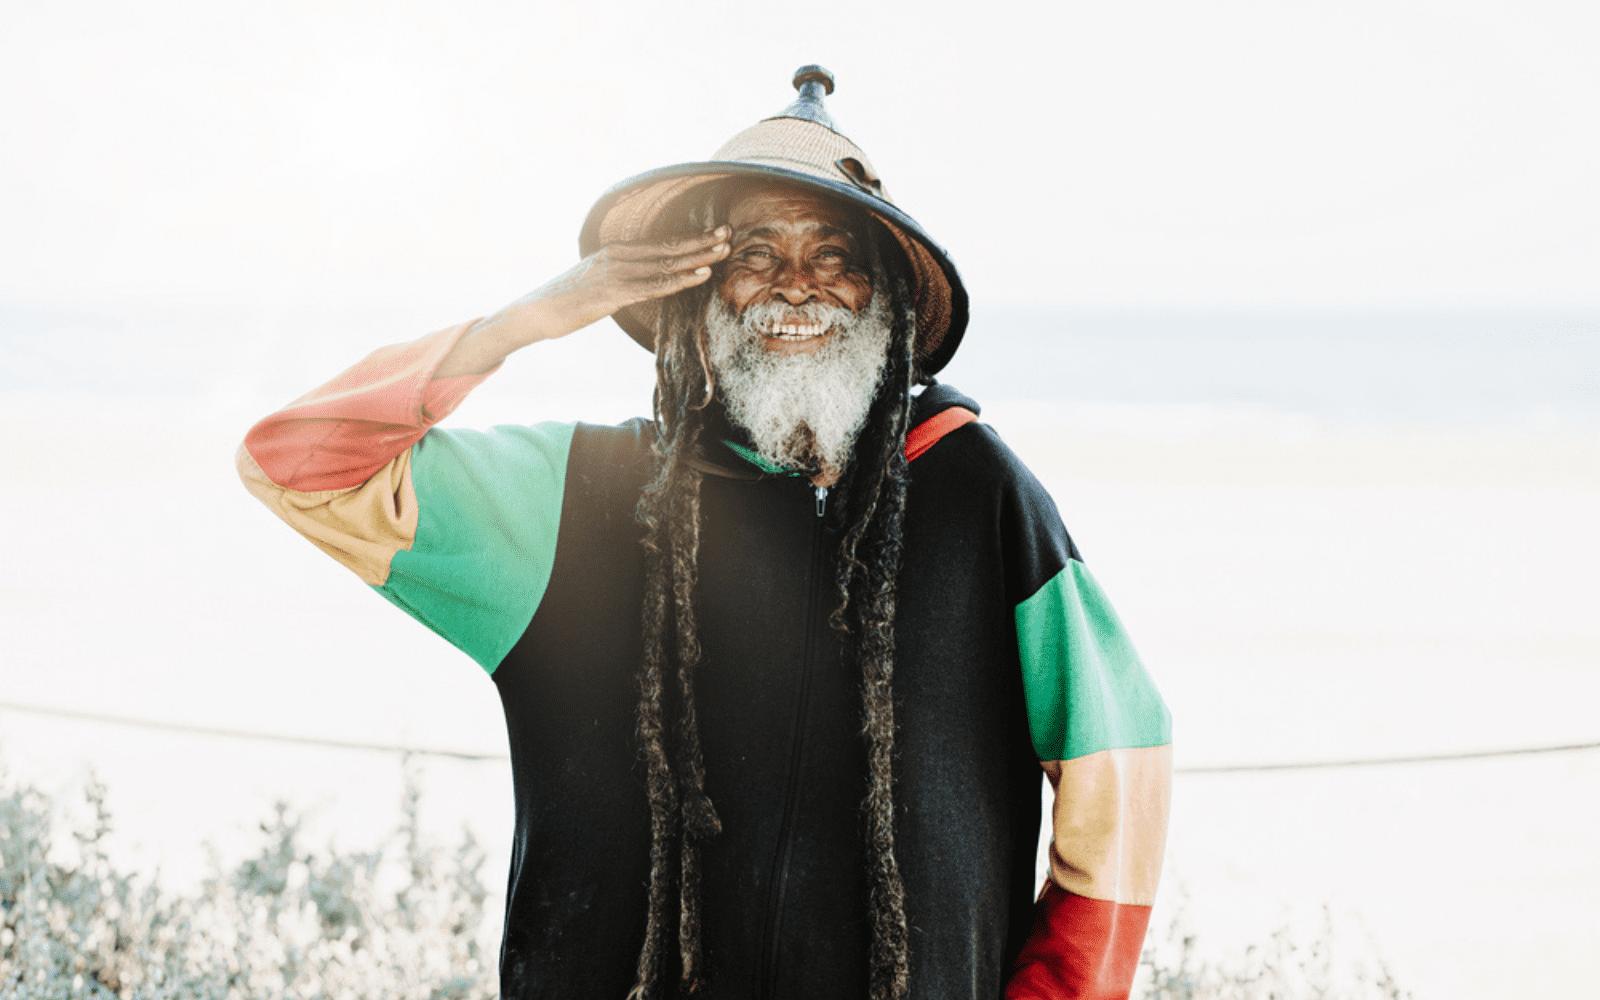 Photo d'un vieux rastafari portant de longue dreadlocks et des habits vert jaune rouge